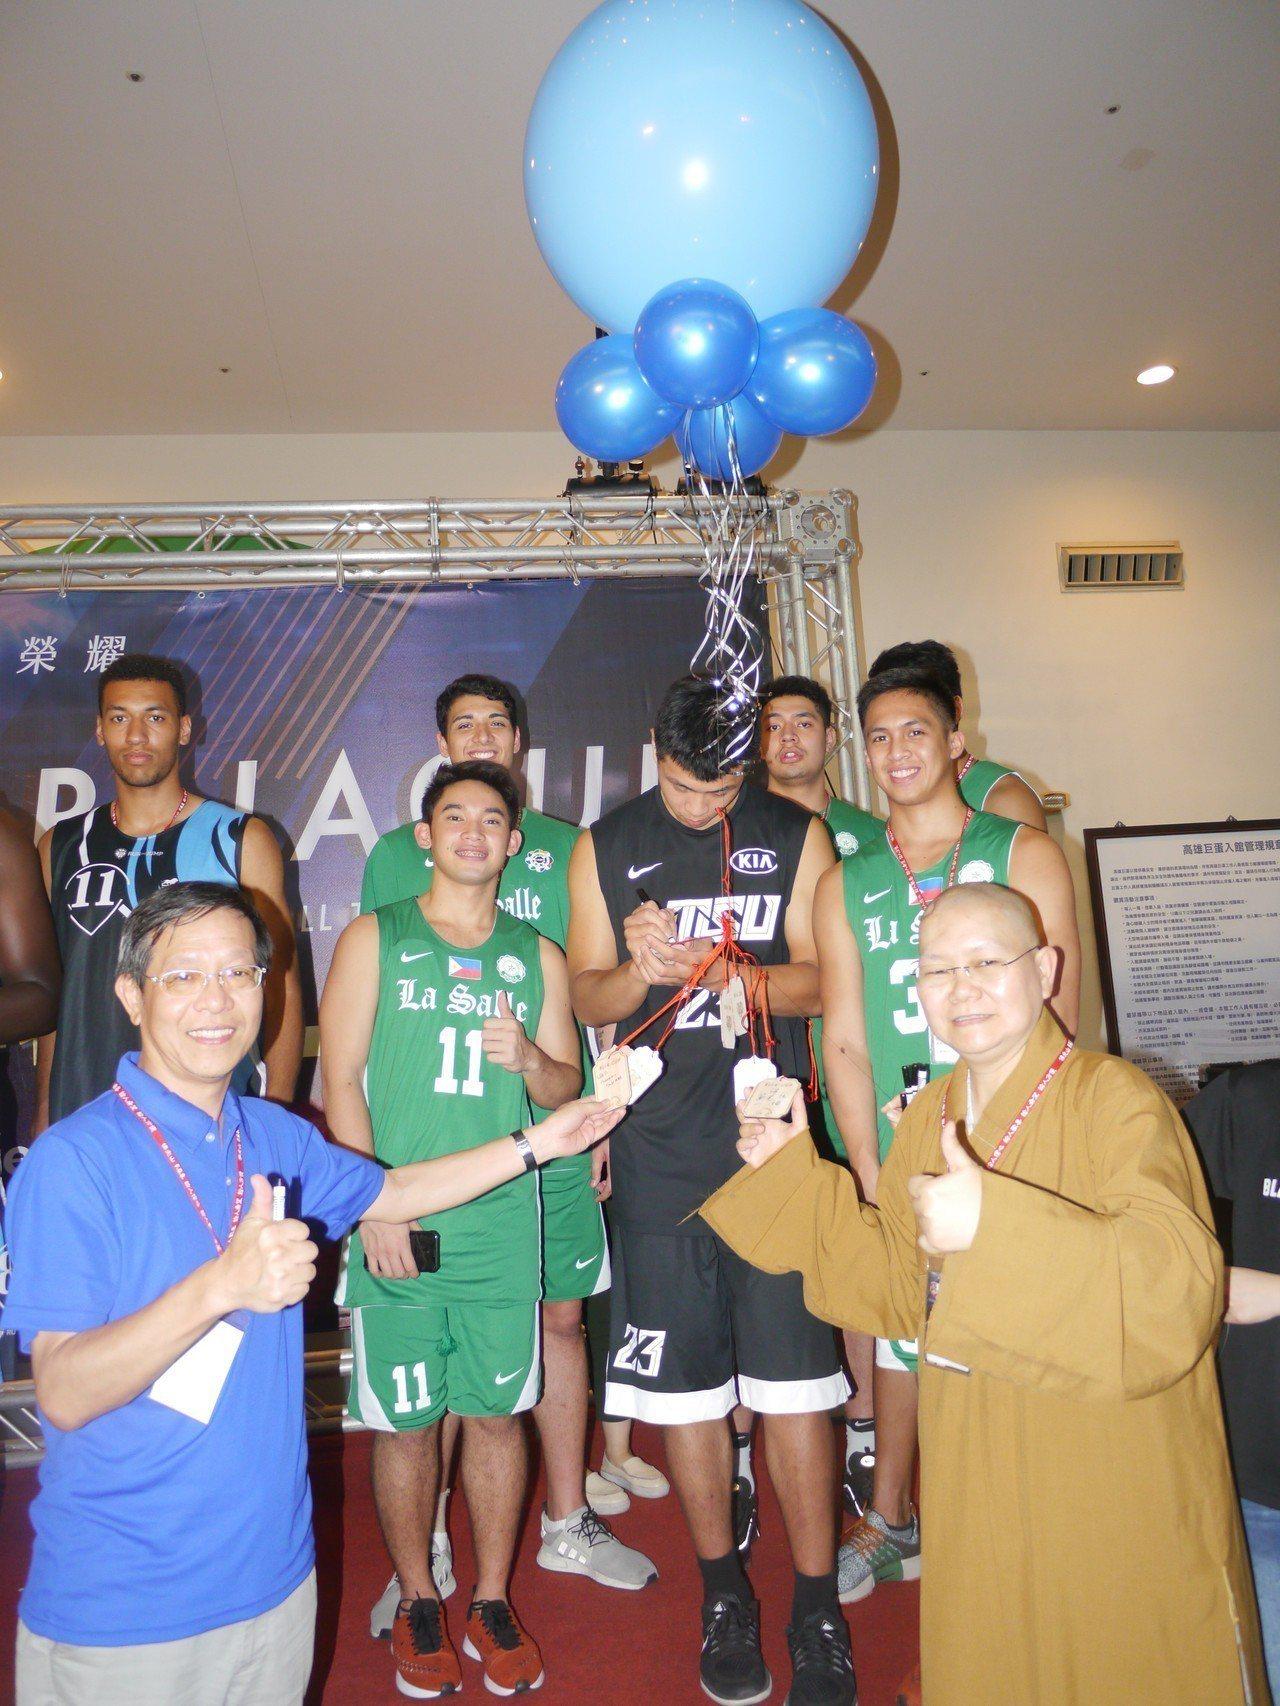 佛光盃大學籃球邀請賽已經舉辦8年,參賽選手與主辦單位一起寫下祈福話語。記者徐白櫻...